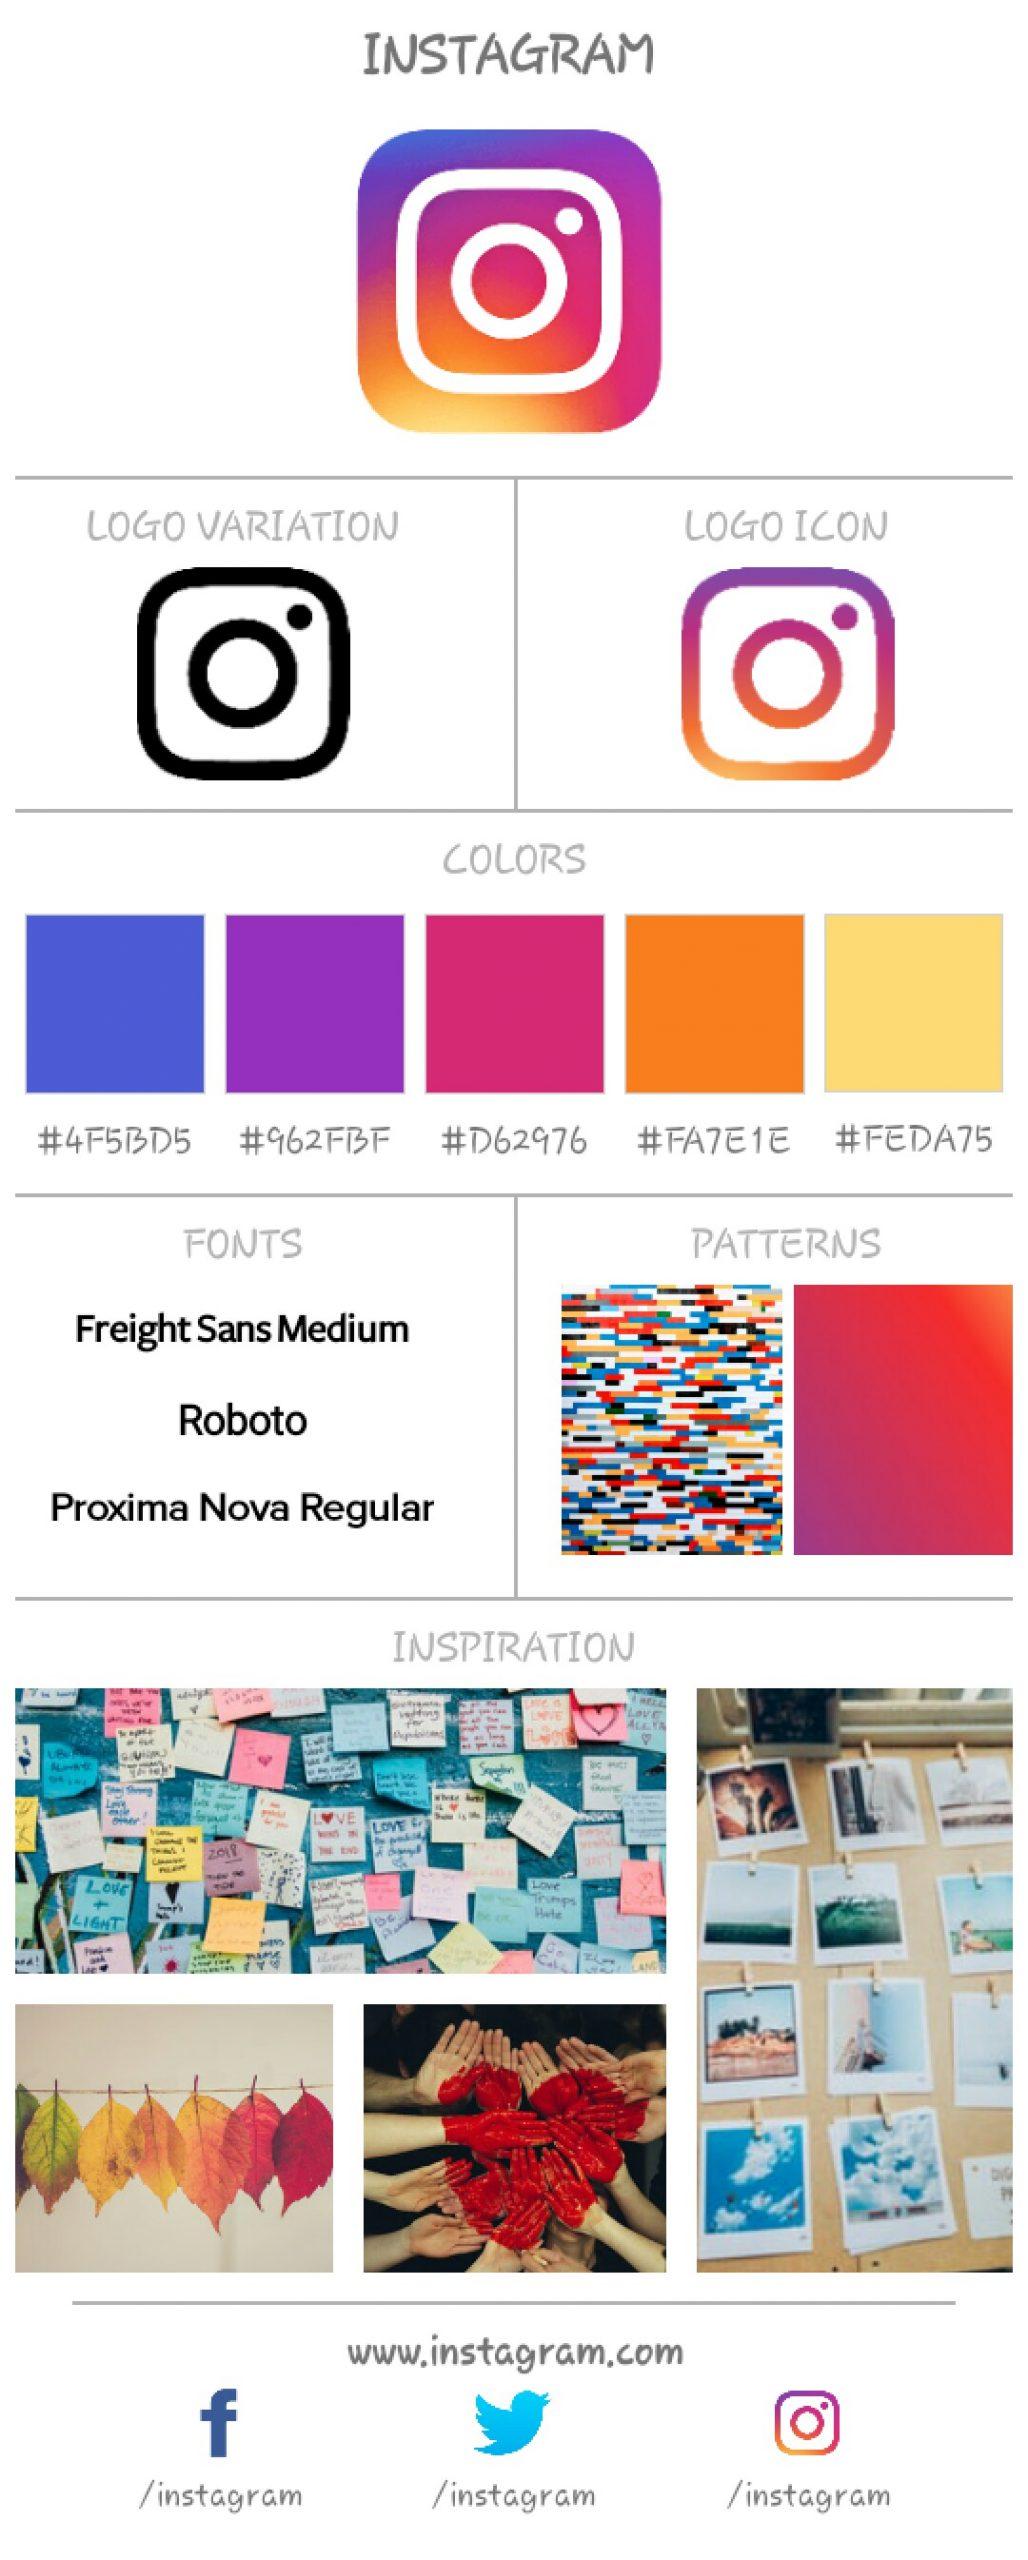 Instagram Brand Board